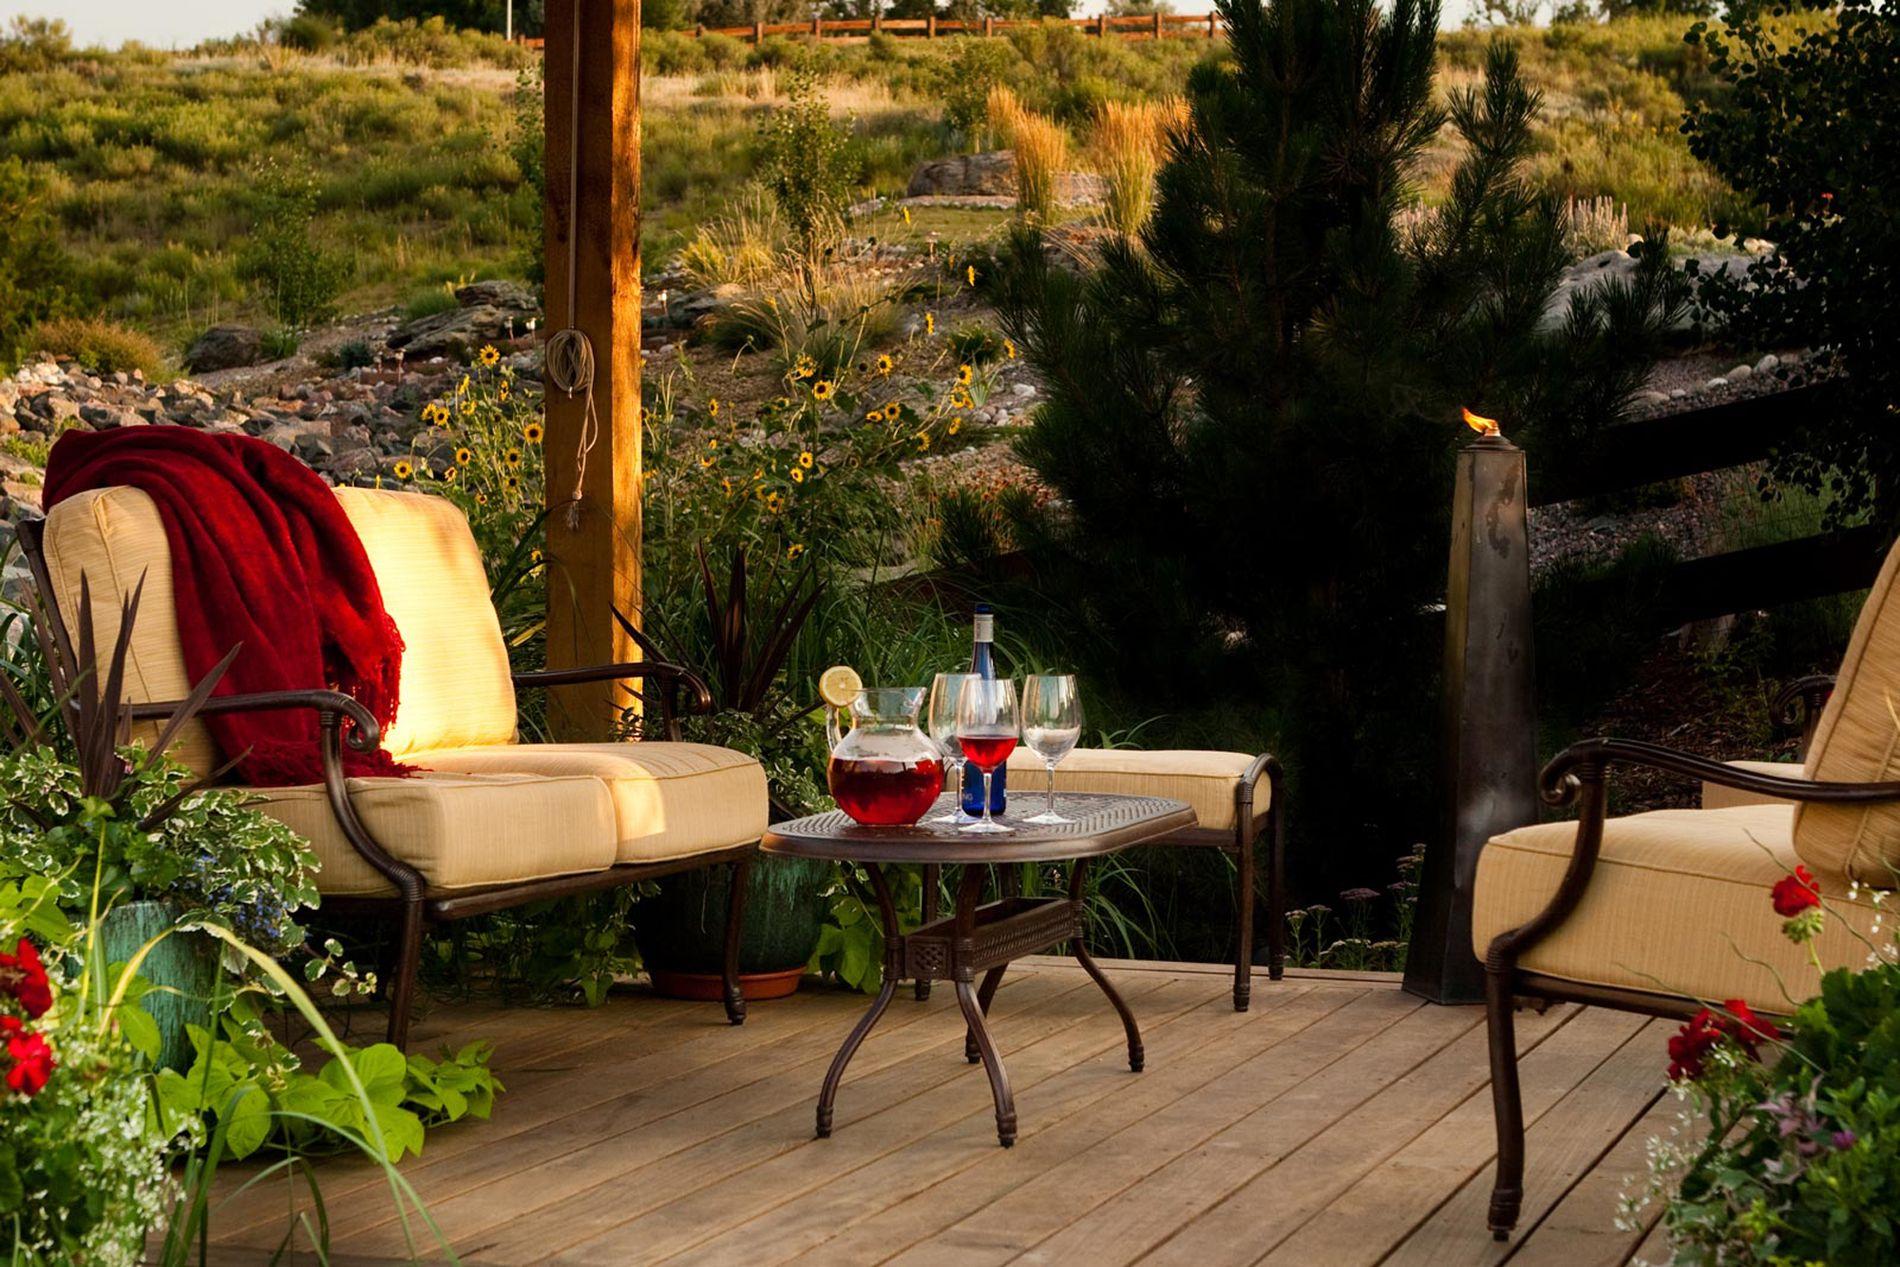 Wood Deck Outdoor Living